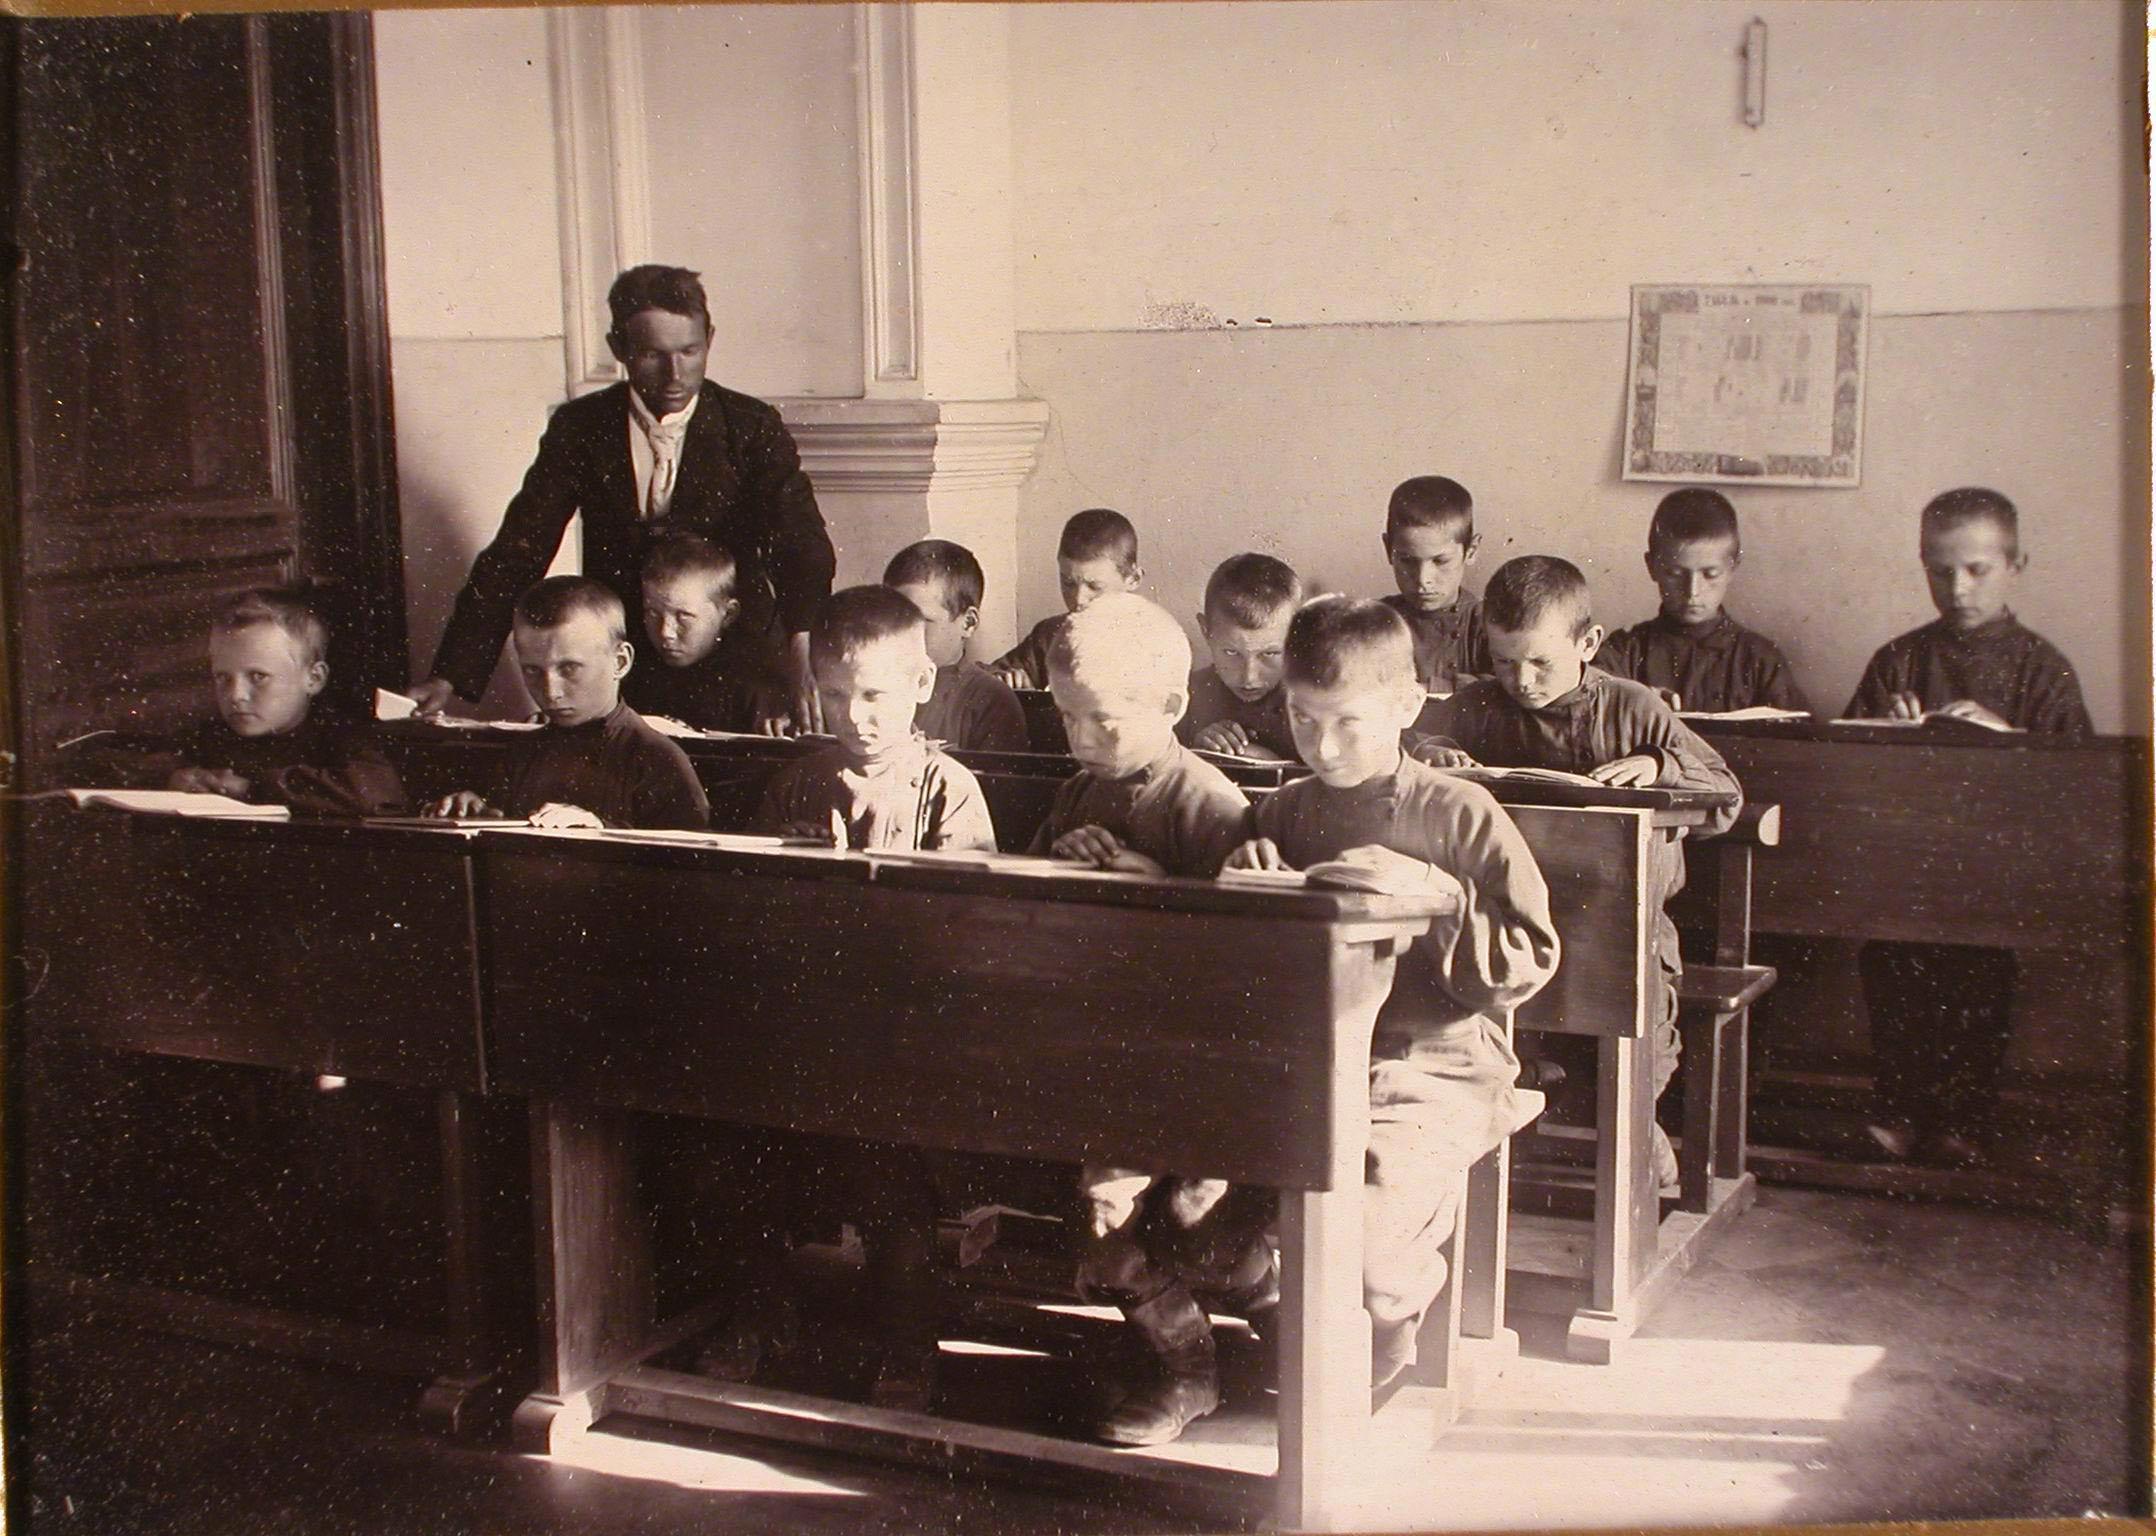 Группа воспитанников школы за приготовлением уроков в классе.